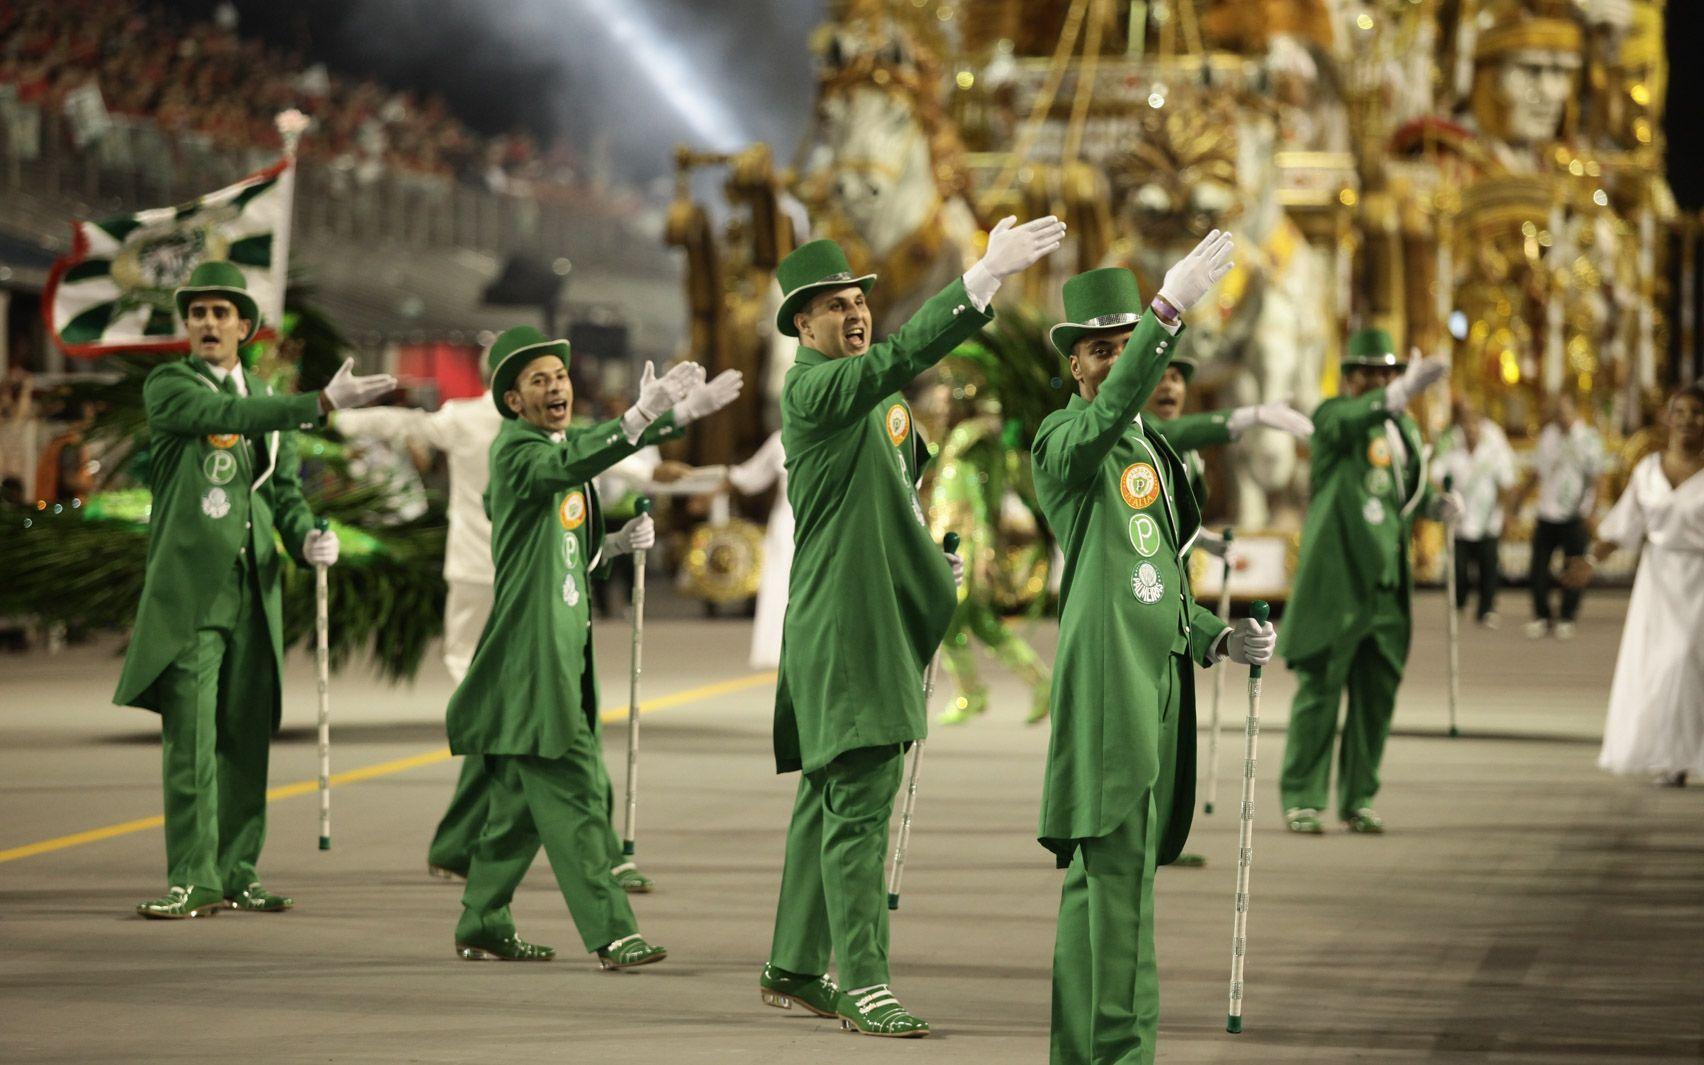 Comissão de frente da Mancha Verde | Verde, Palmeiras 2017, Manchas